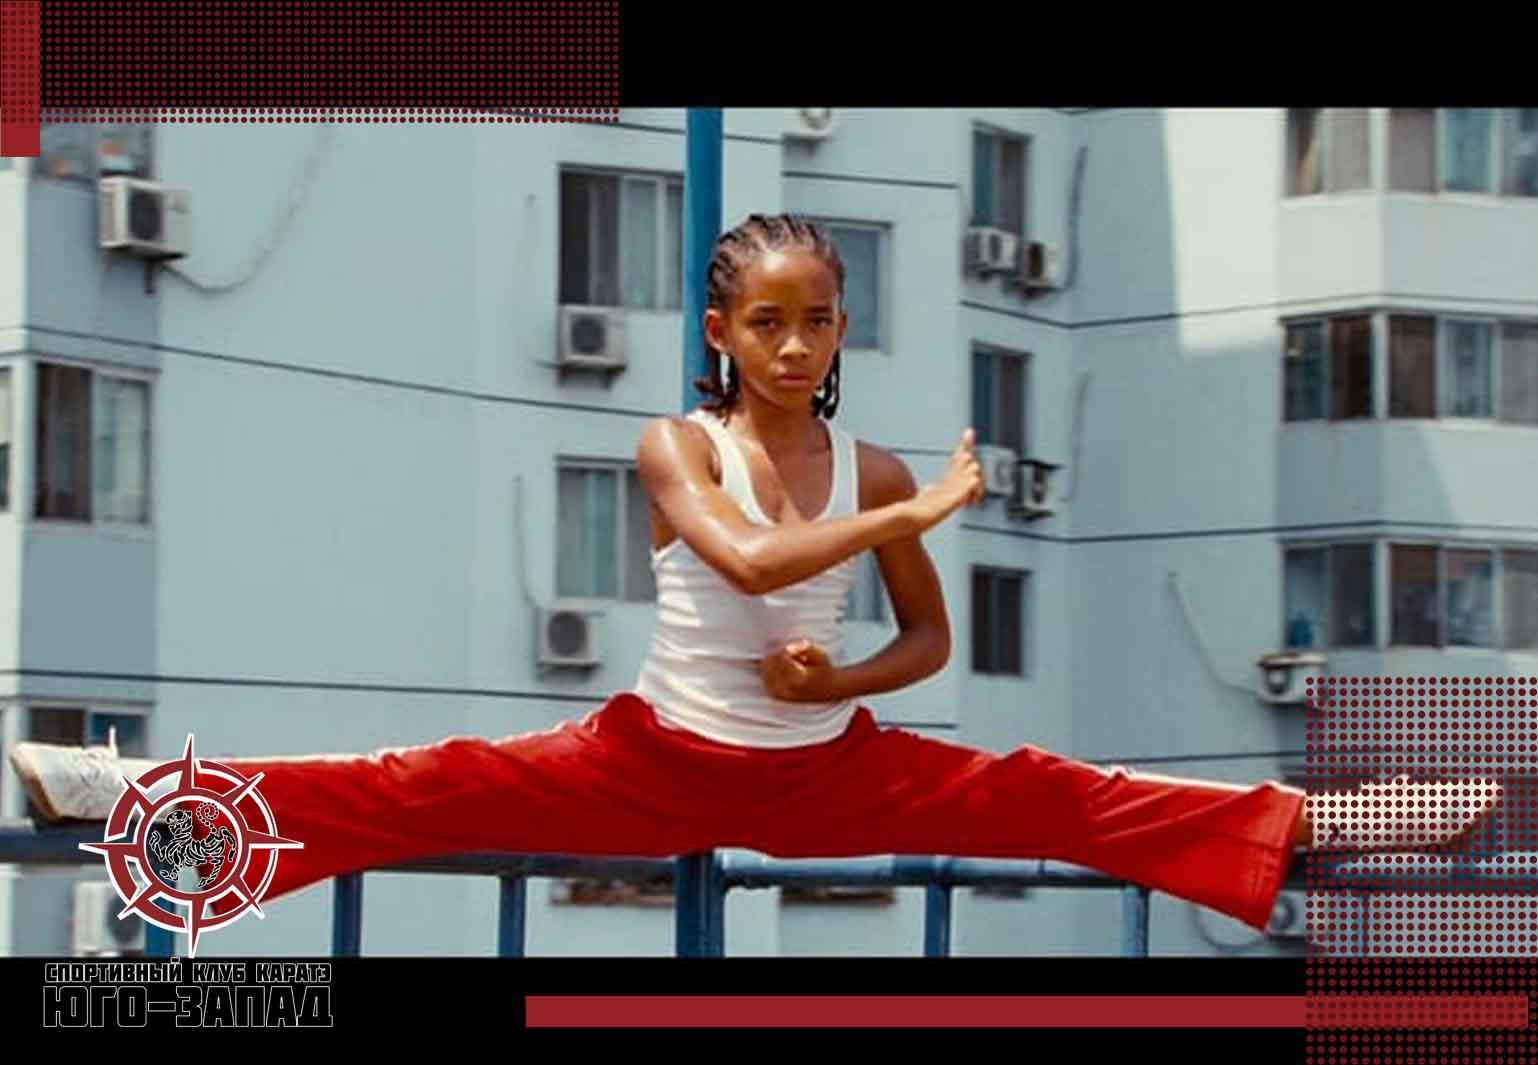 кадр из фильма про карате